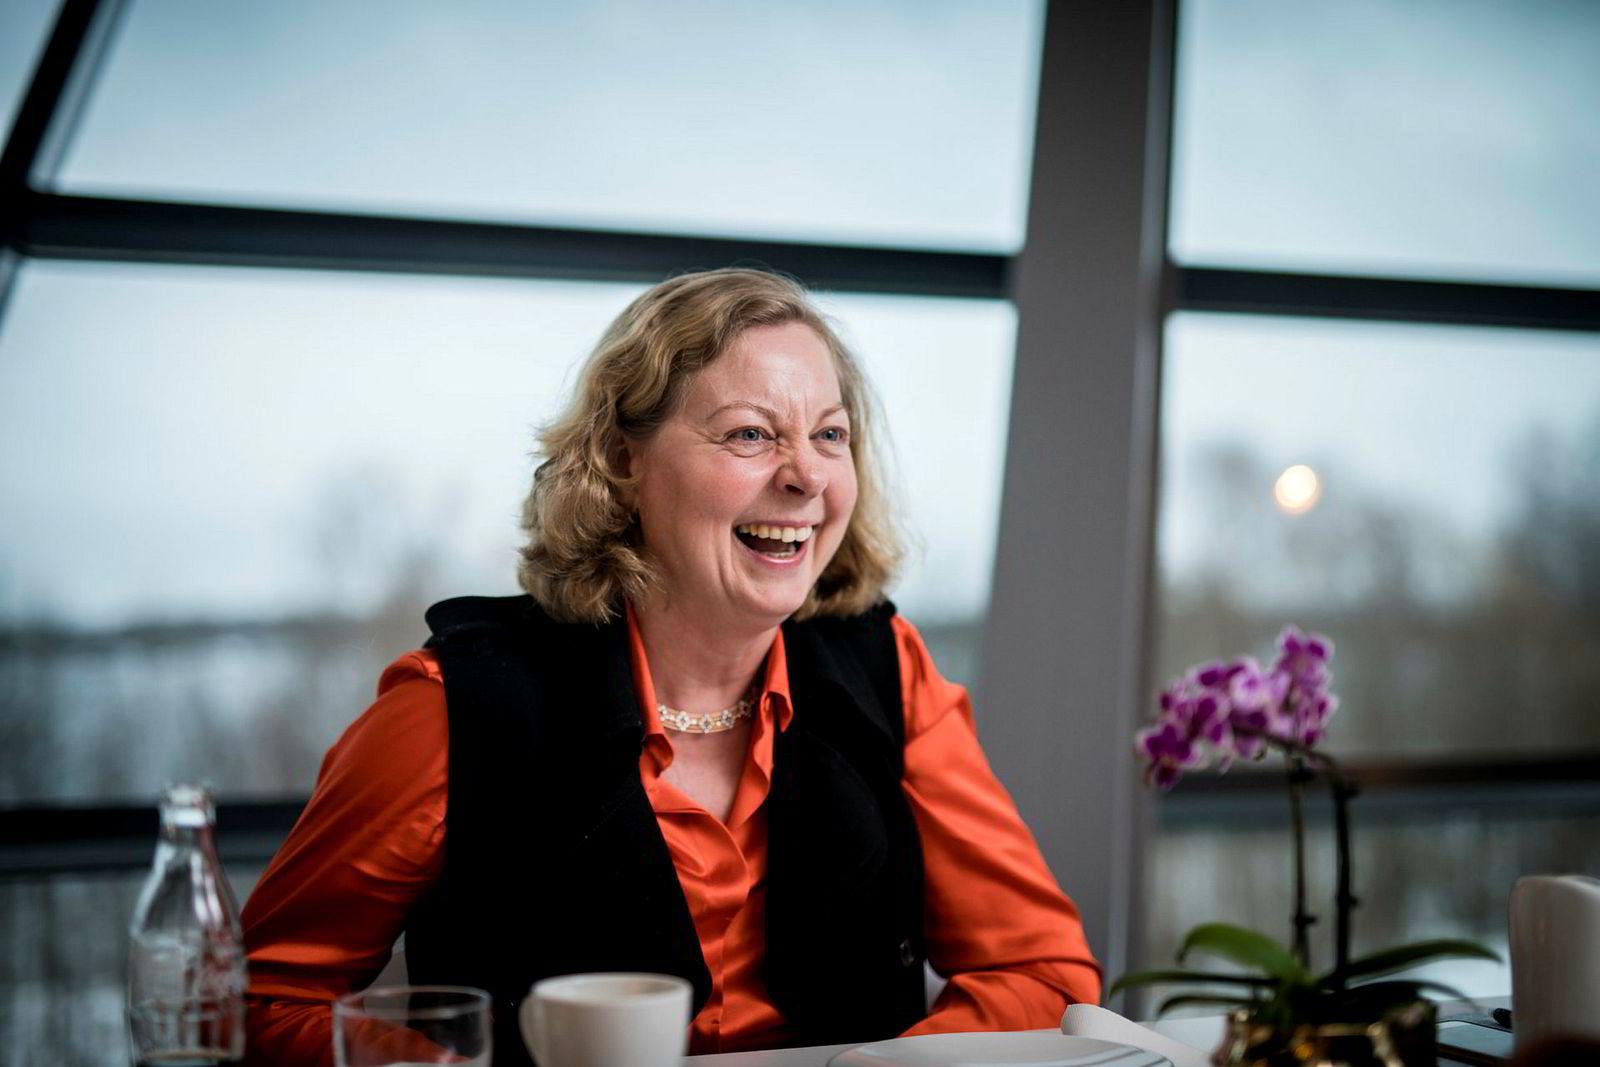 Administrerende direktør Berit Svendsen i Telenor Norge fikk i fjor en godtgjørelse som til sammen var 300.000 kroner høyere enn hva Abraham Foss fikk i Telia Norge.